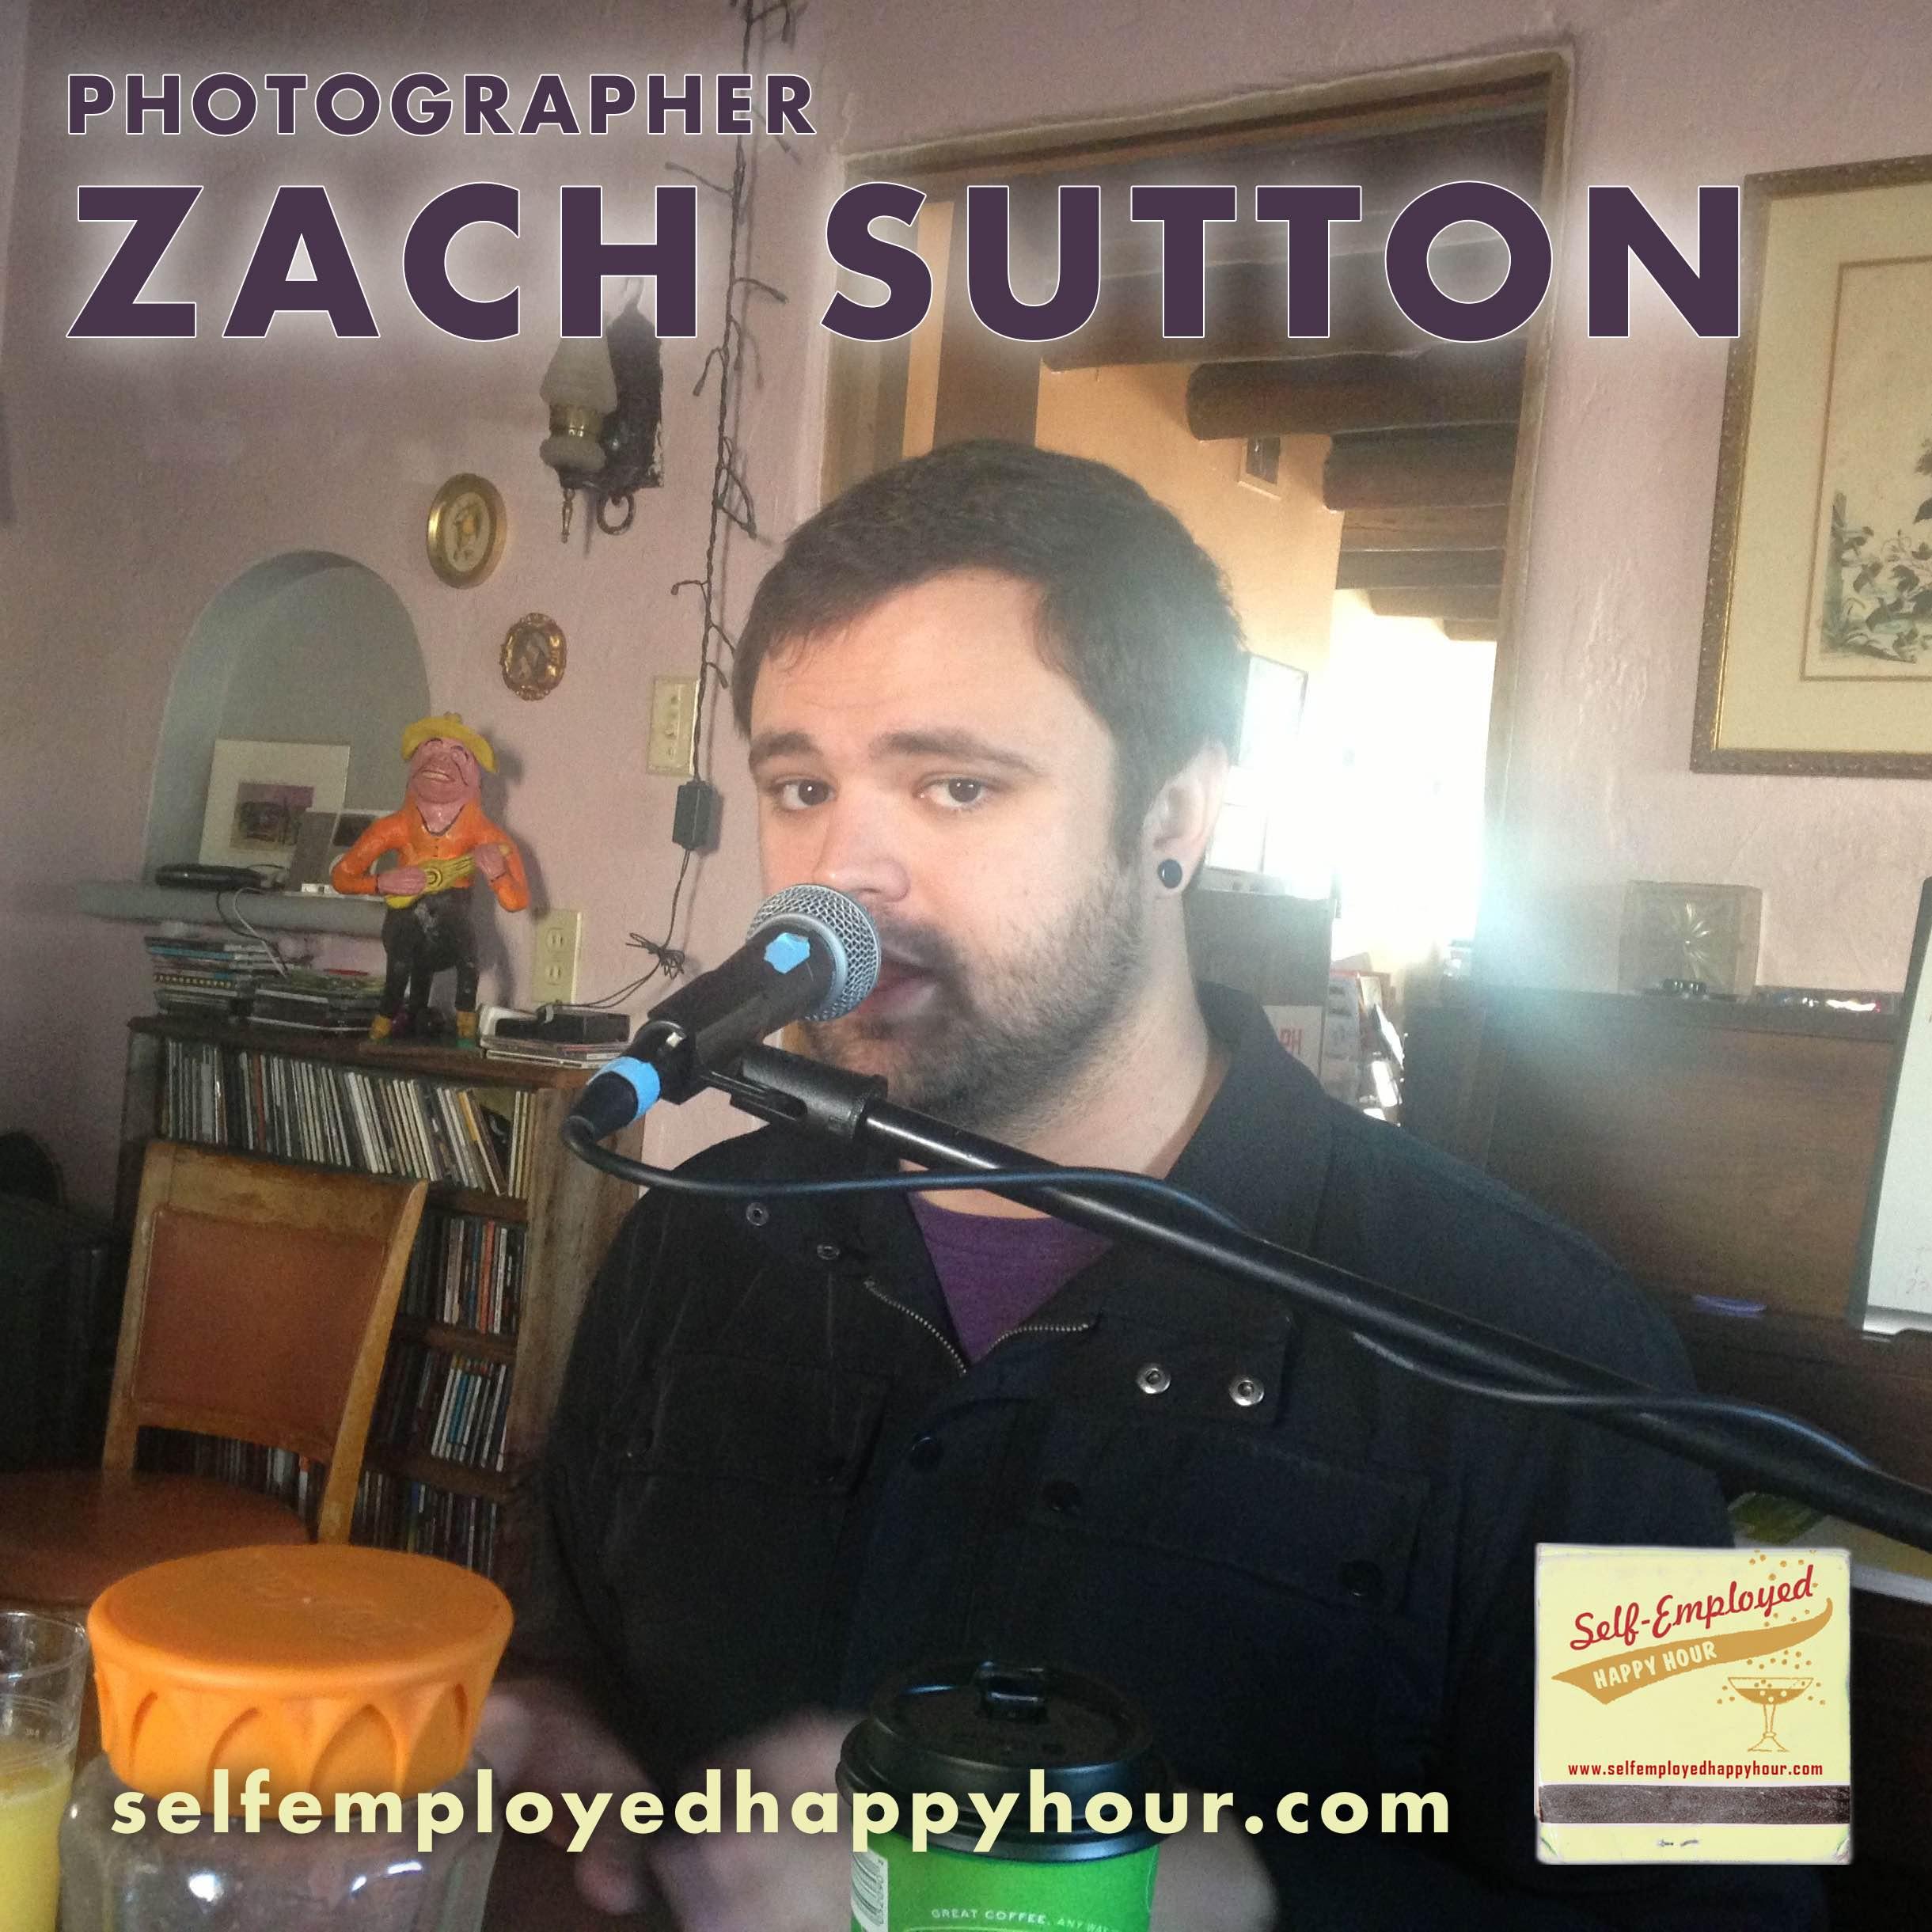 Zach Sutton, Photographer